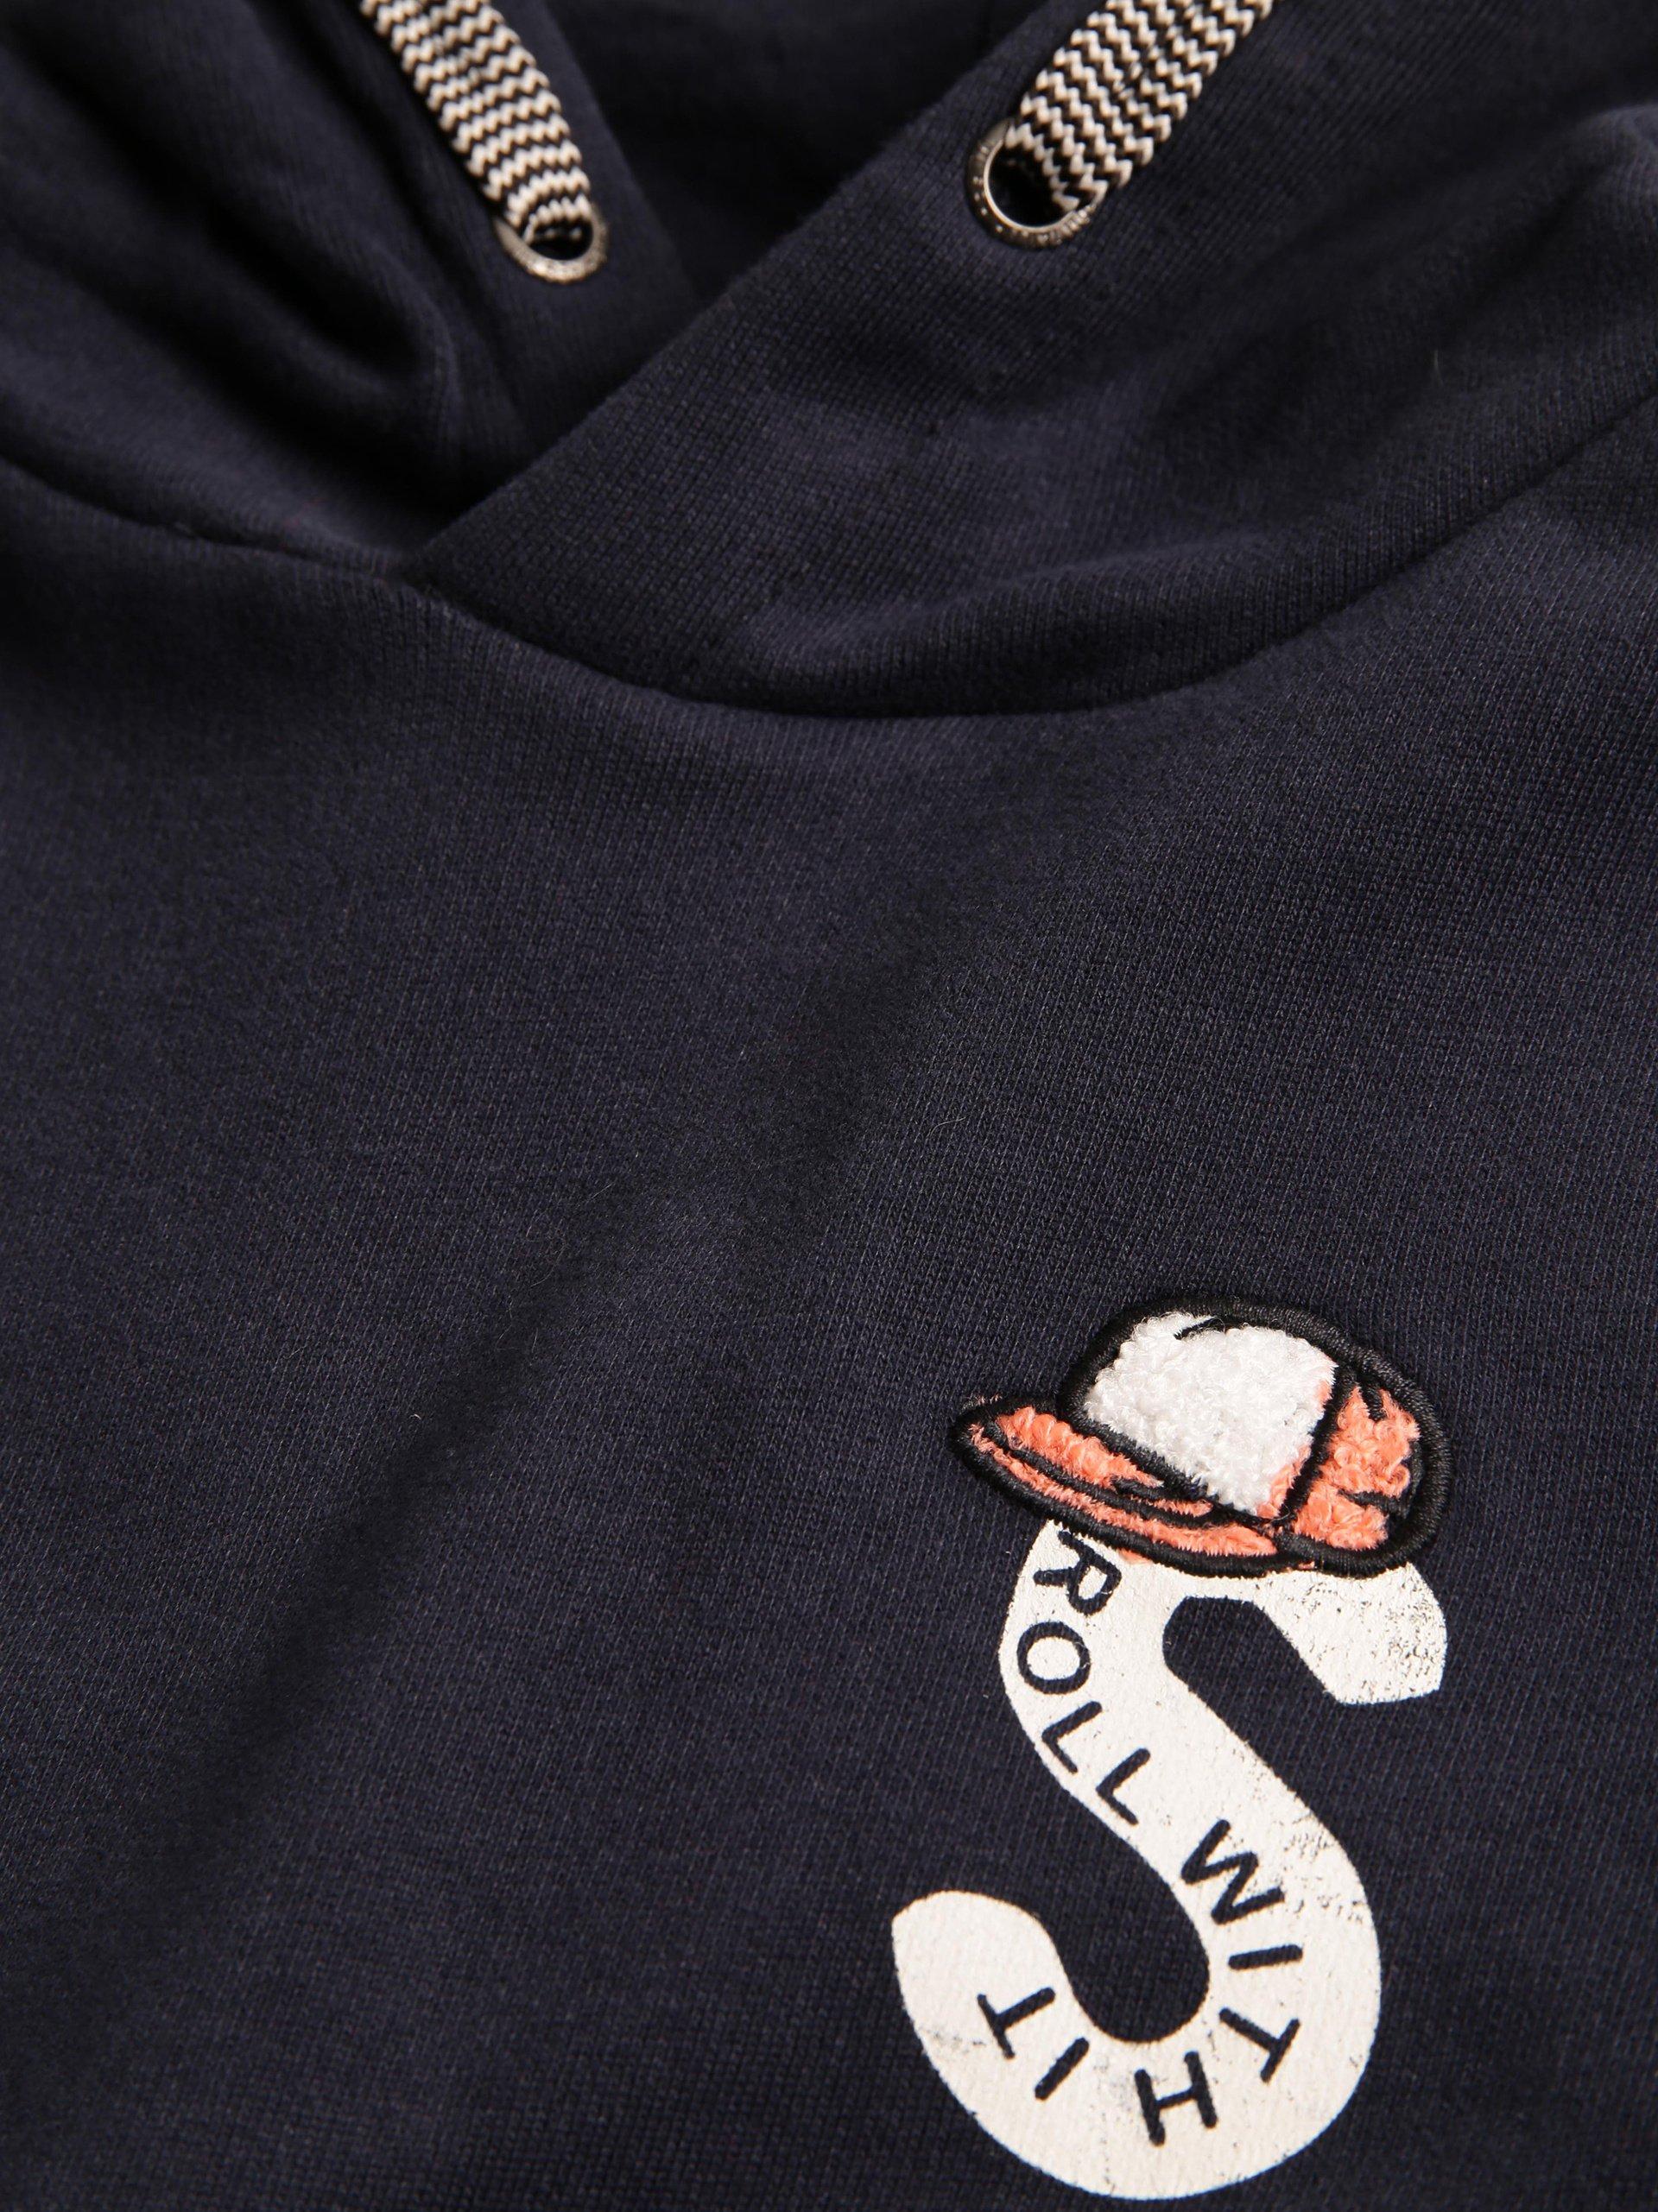 Tom Tailor Jungen Sweatshirt